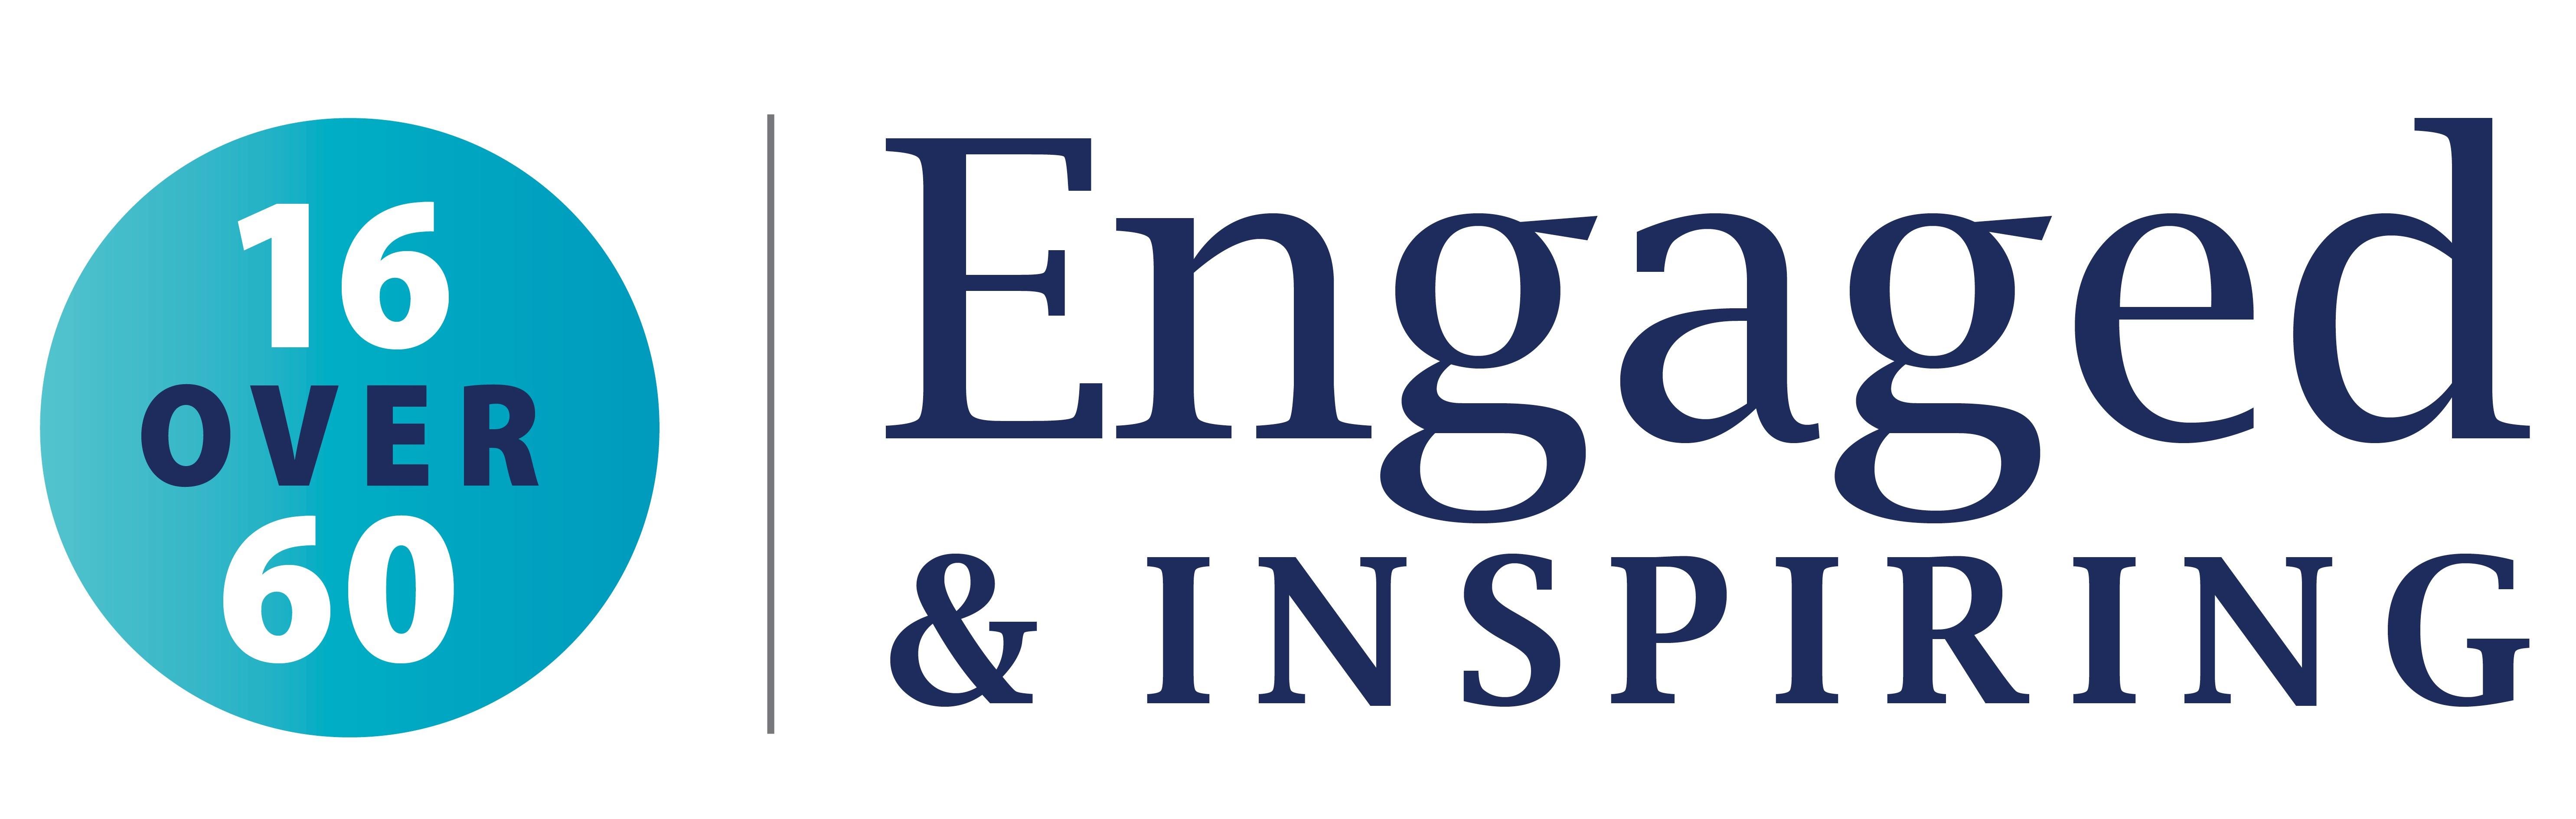 16 over 60 logo